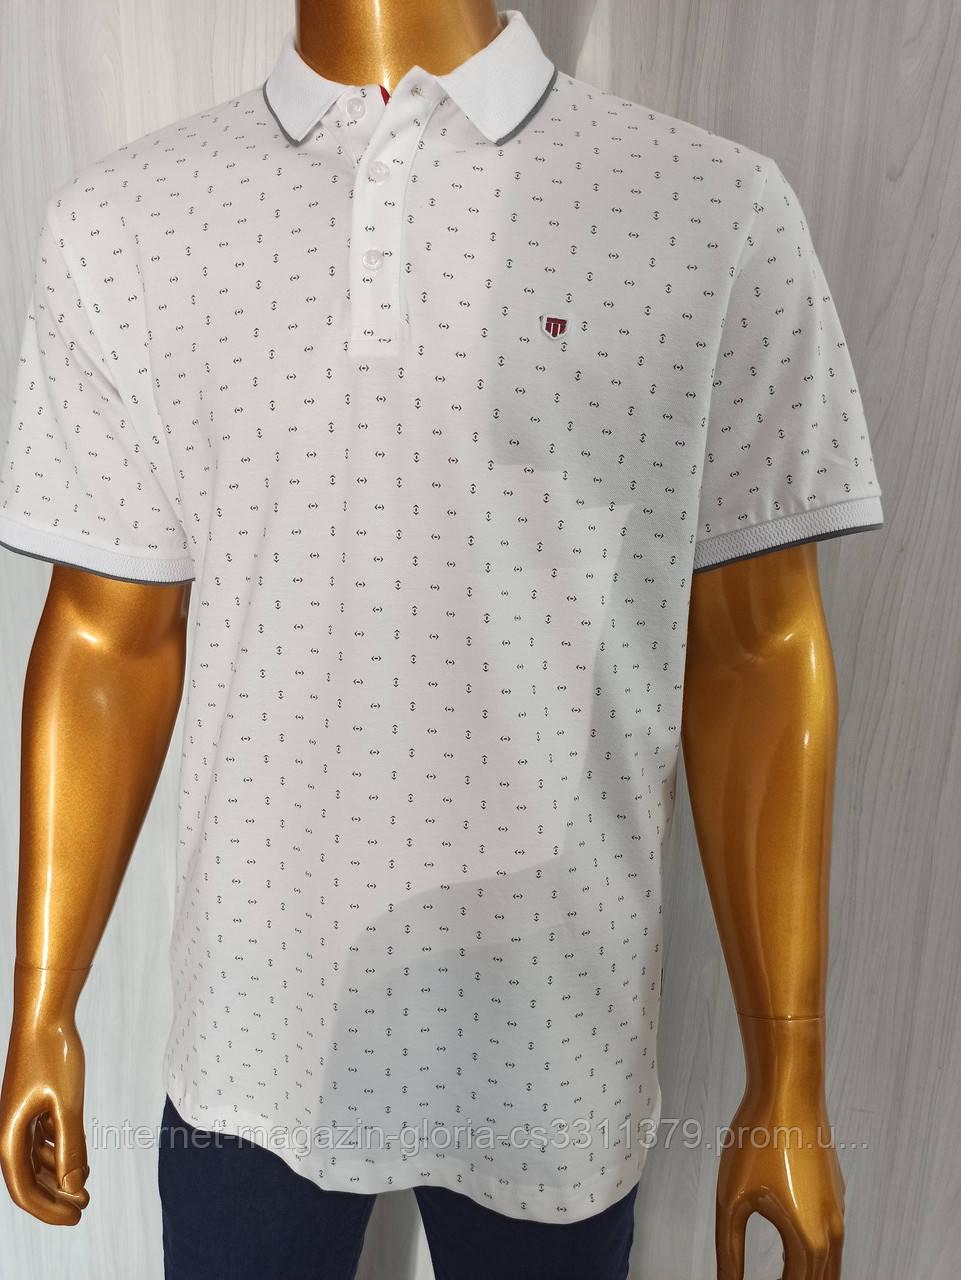 Мужская футболка поло Tony Montana. PSL-3232. Размеры: M,L,XL,XXL.